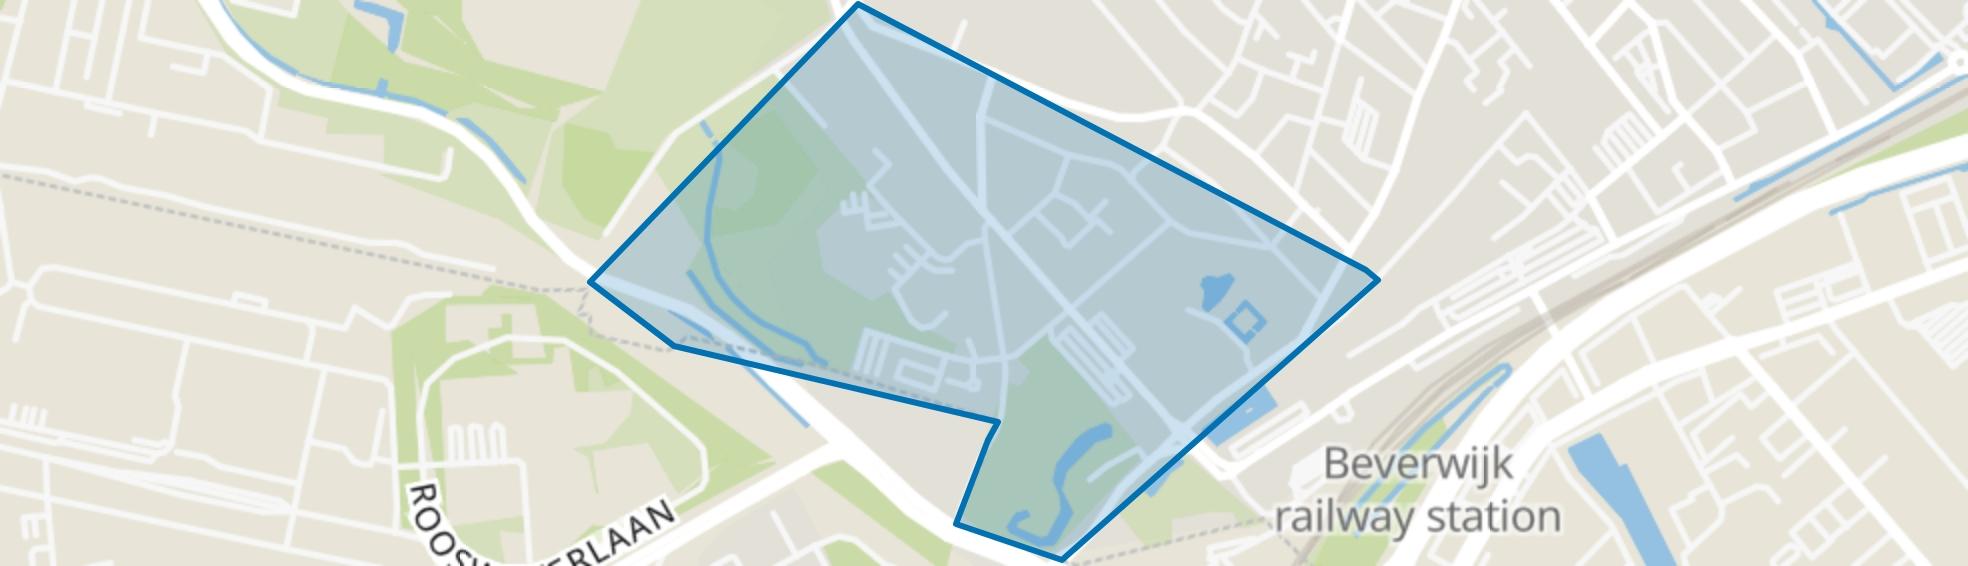 Vondellaan, Beverwijk map